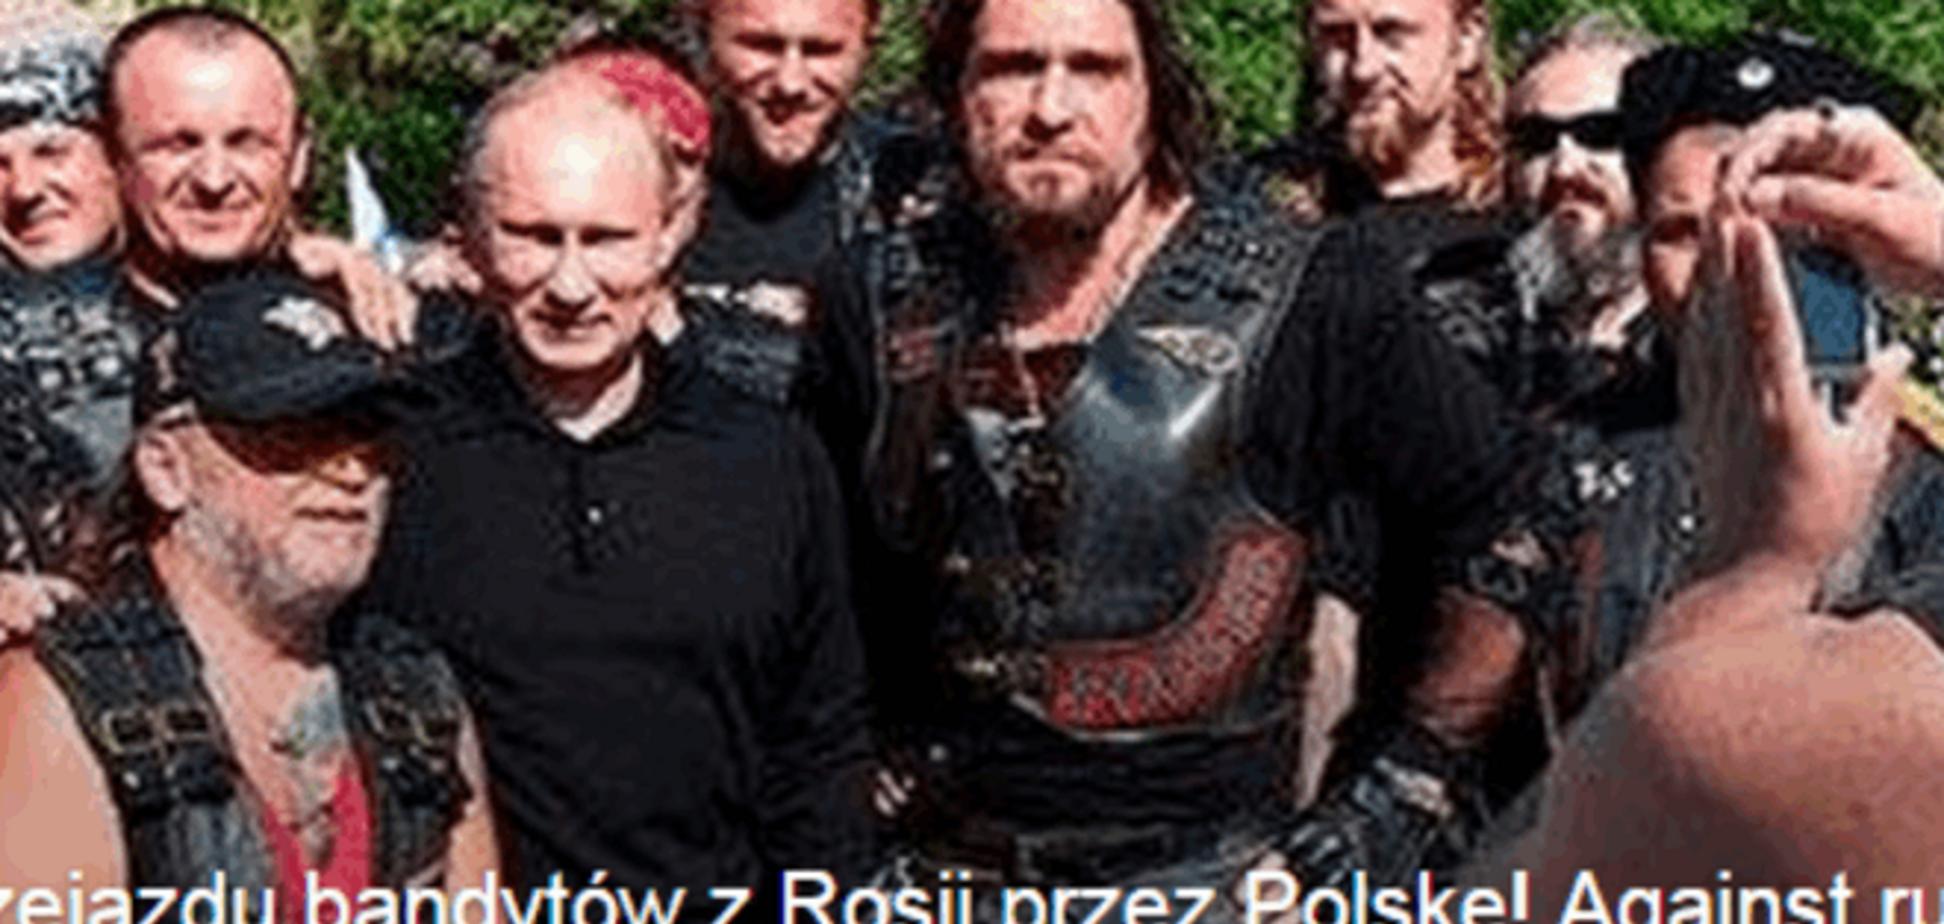 Любимый байкер Путина готовит мотопробег на Берлин. Поляки в шоке